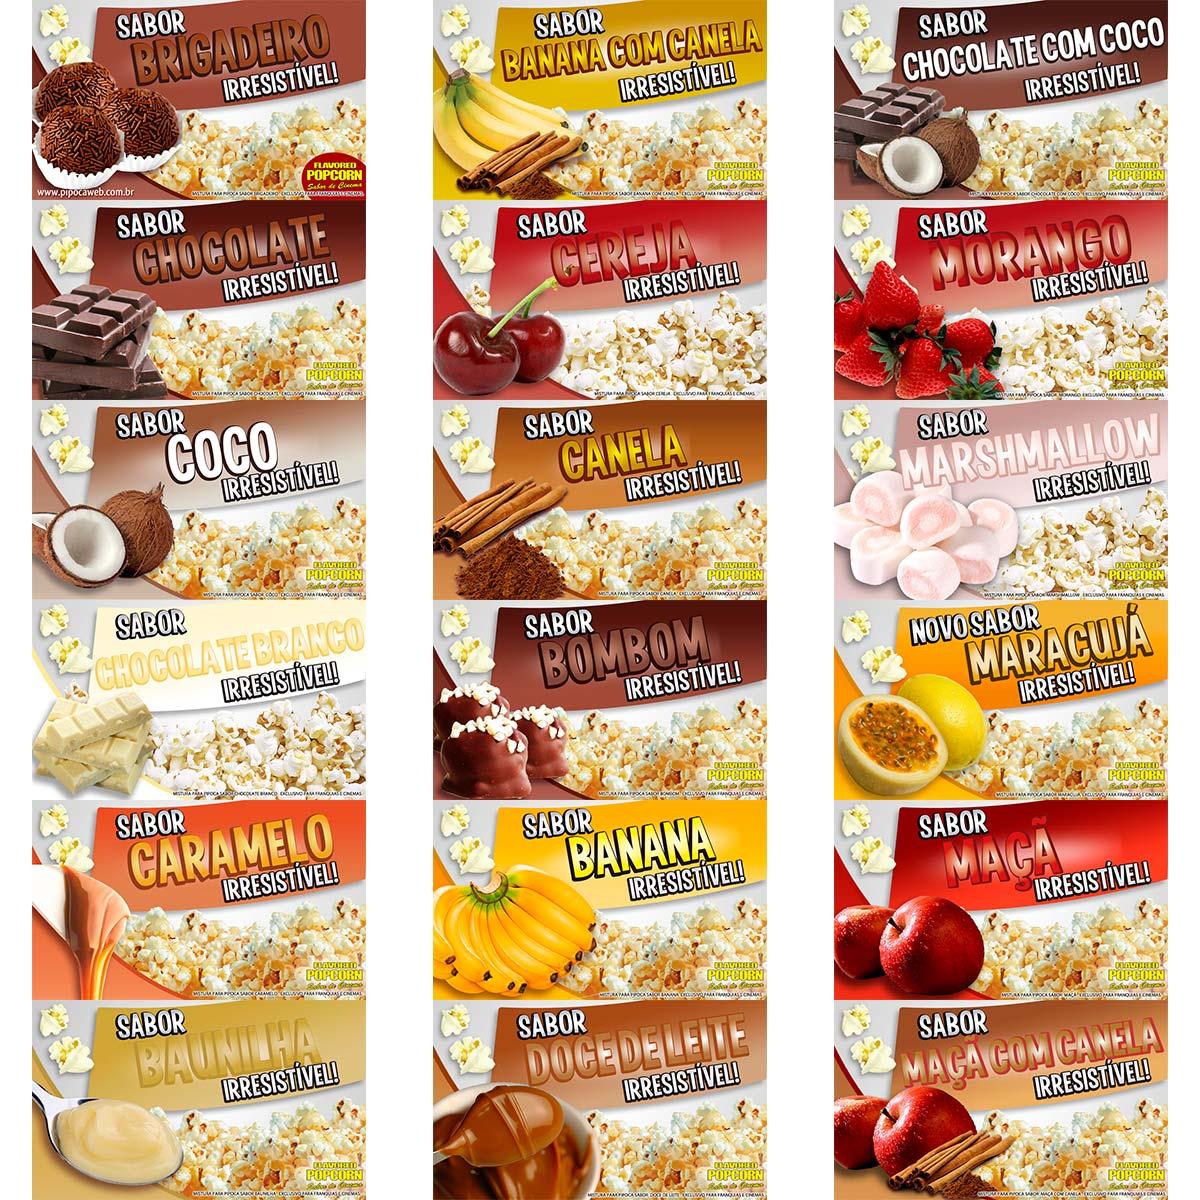 Sabores e Caramelos p/ Pipoca Doce - 18 sabores - Pacote c/ 5kg - Preço de Atacado